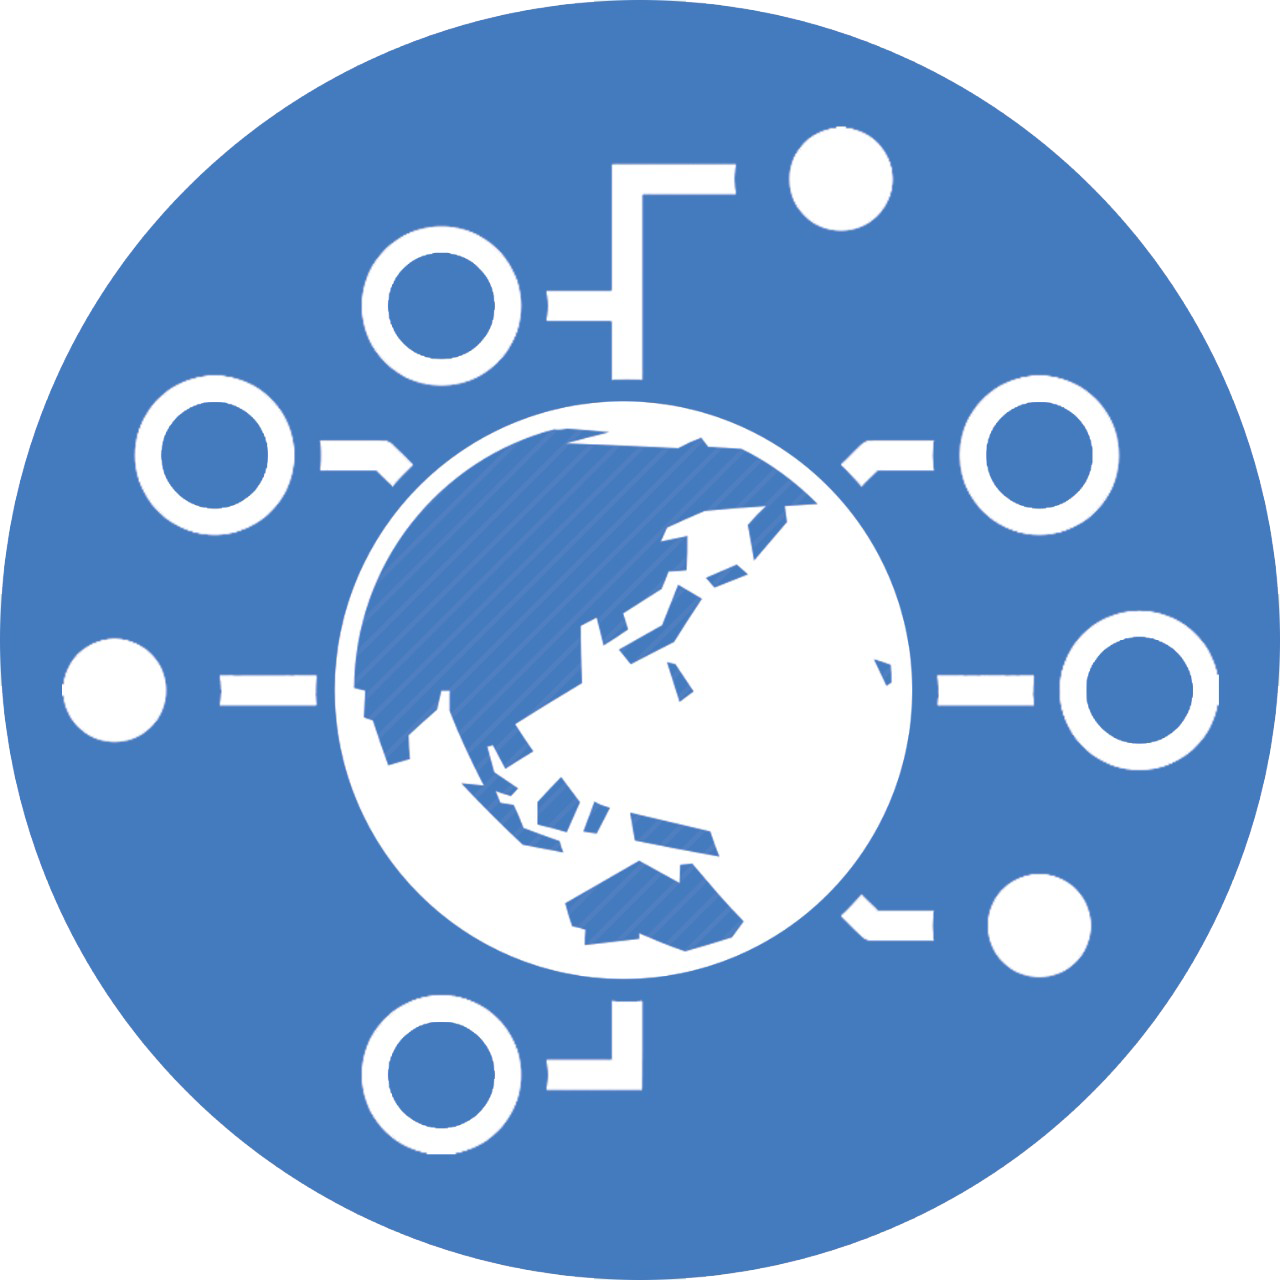 cyapac_logo2